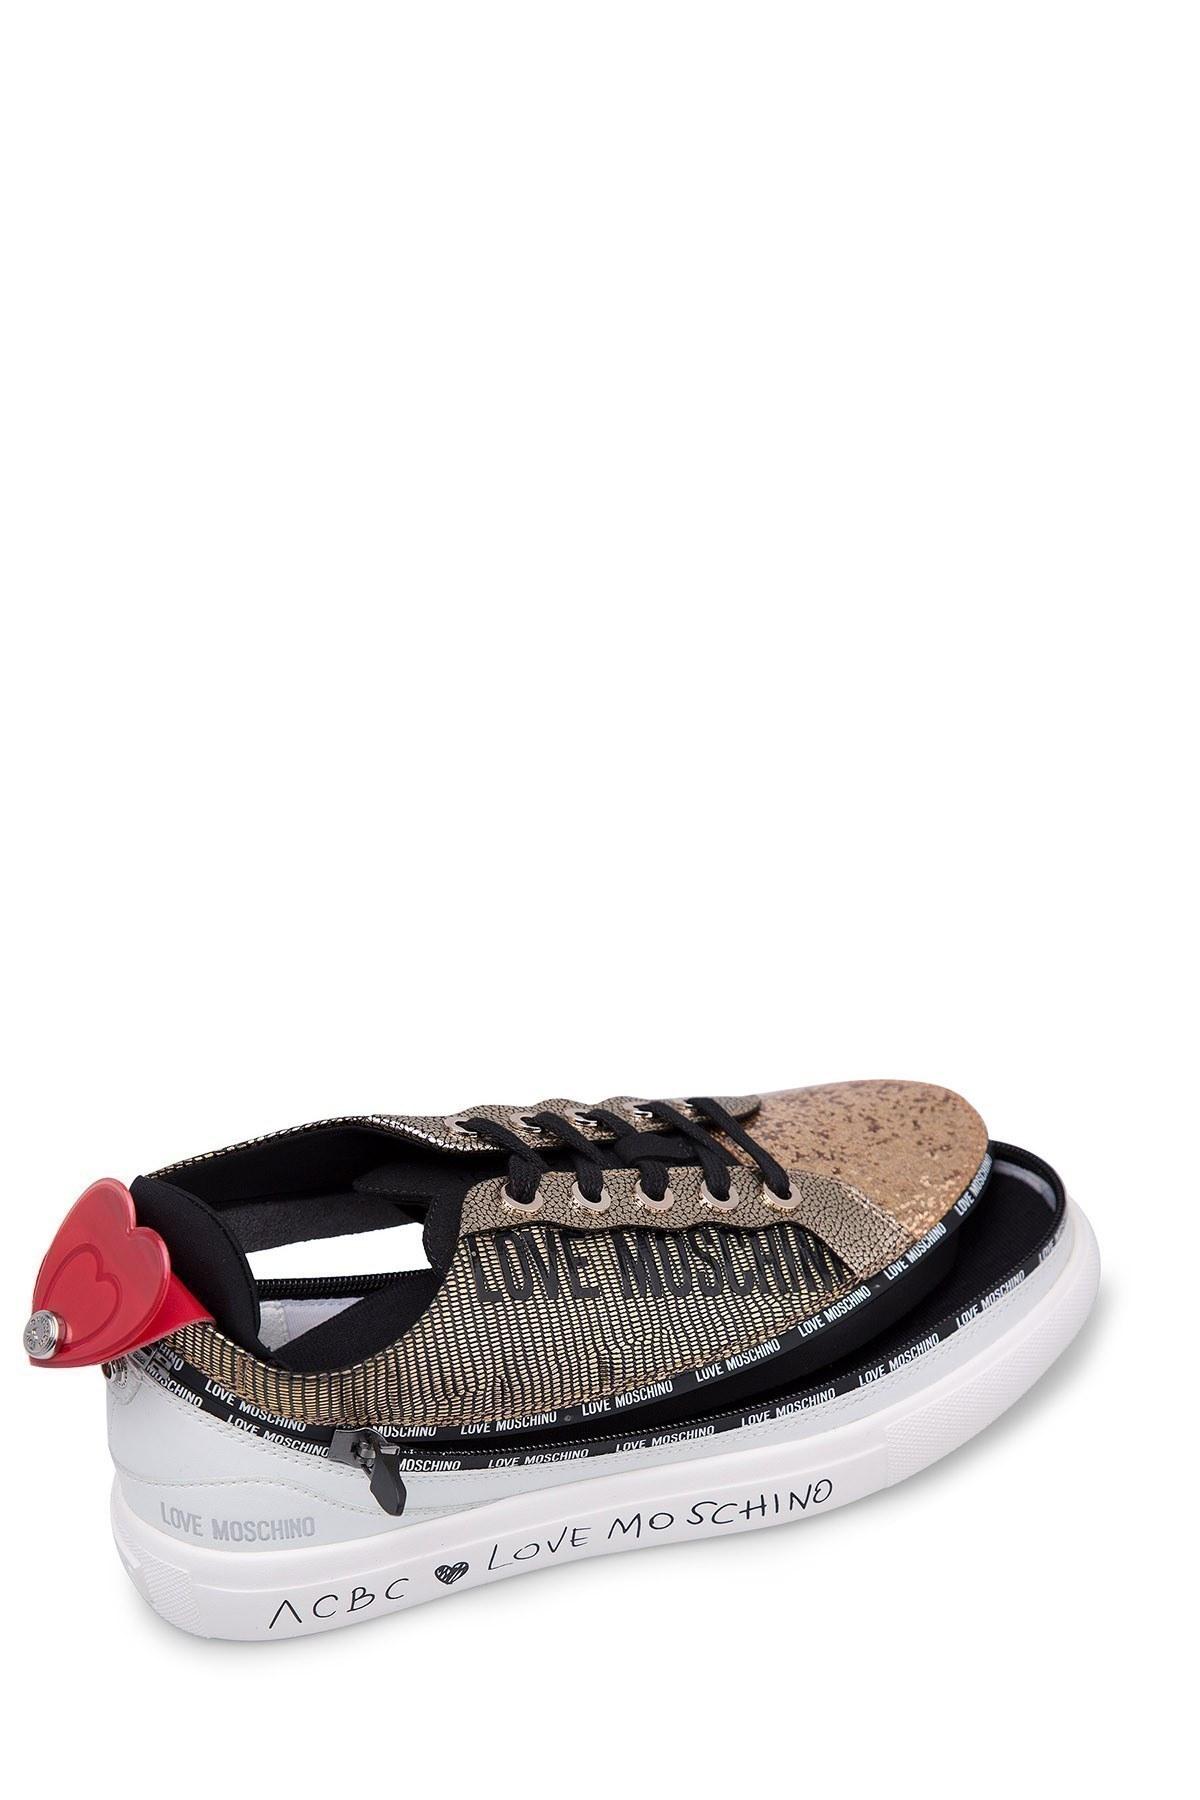 Love Moschino Kadın Ayakkabı JA15843G08J8210A BEYAZ